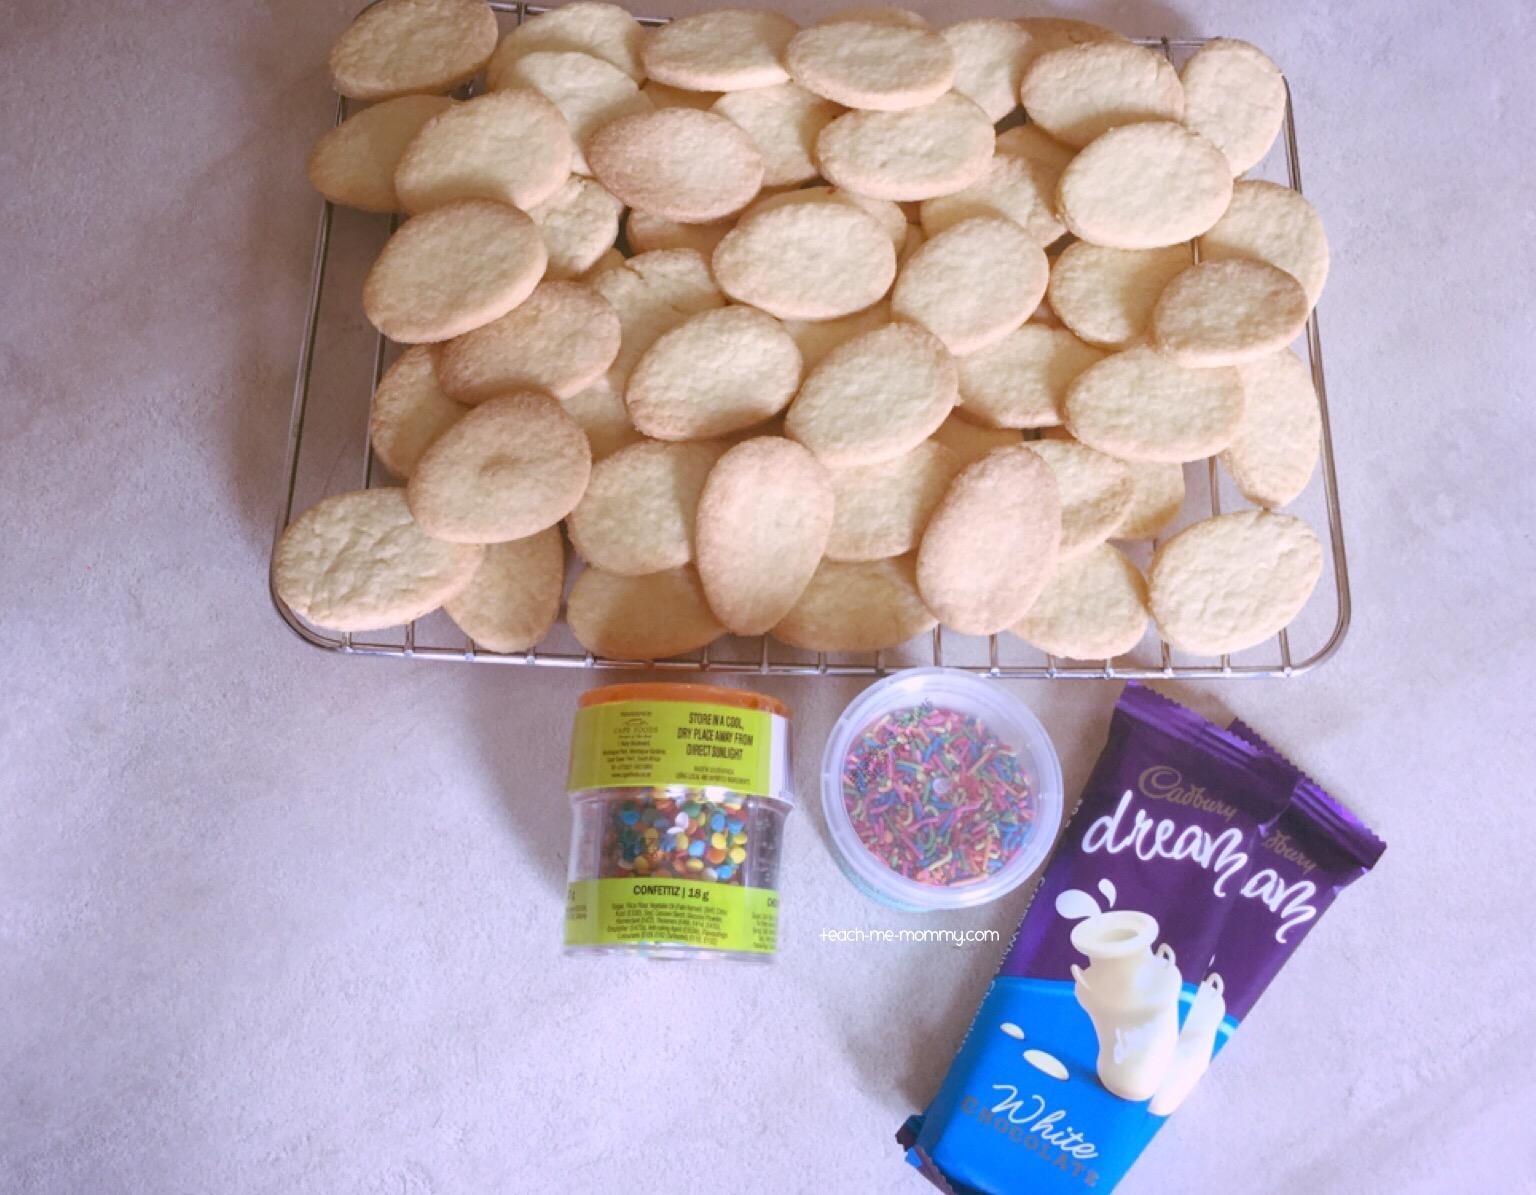 Cookies and sprinkles